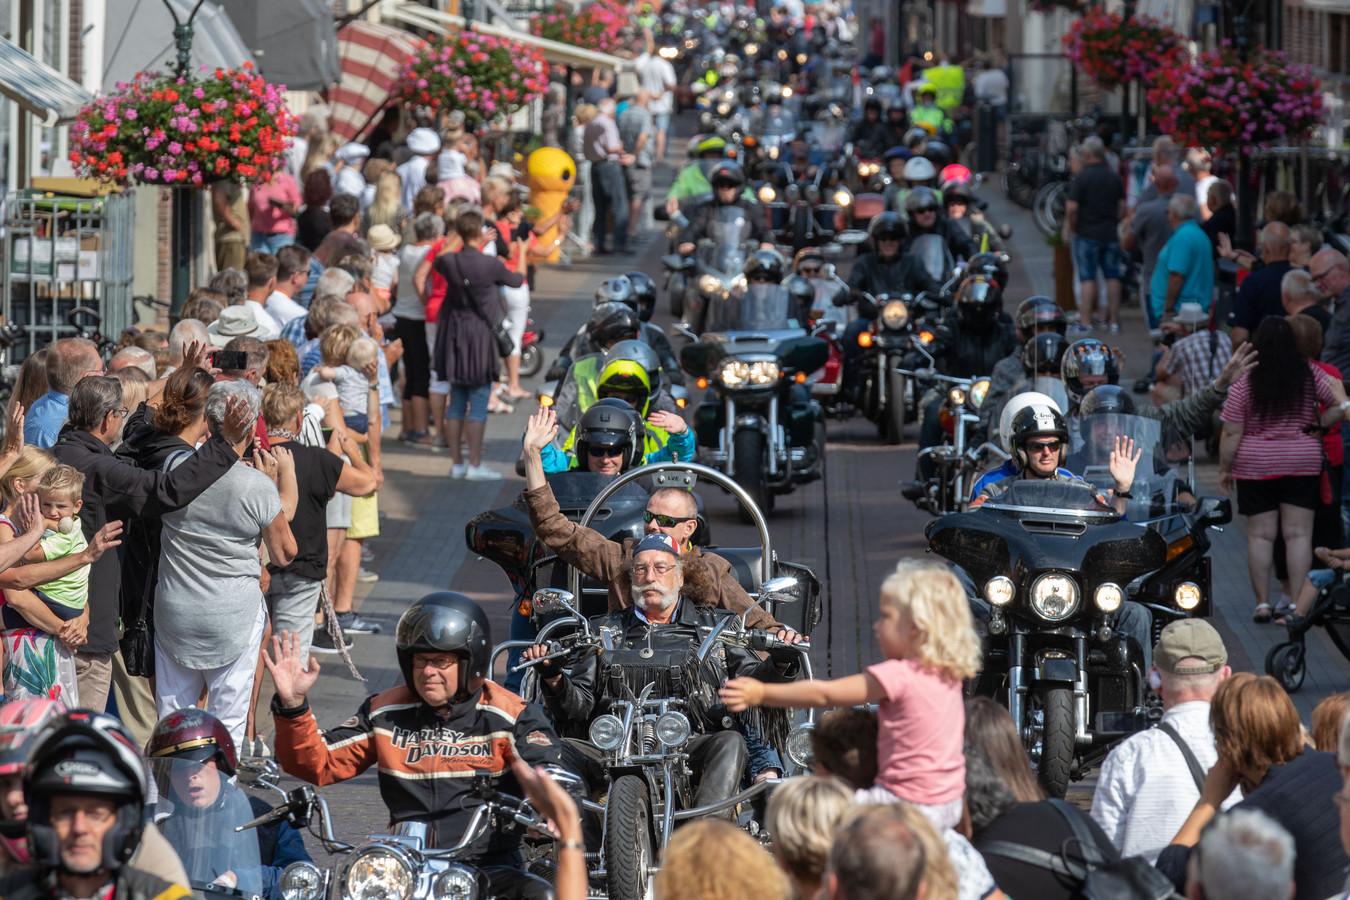 22e editie van de 'Mooiste Dag' van stichting LiveLife. Honderden motoren met verstandelijk gehandicapten gaan hier over de Oudestraat waar ze enthousiast werden uitgezwaaid.